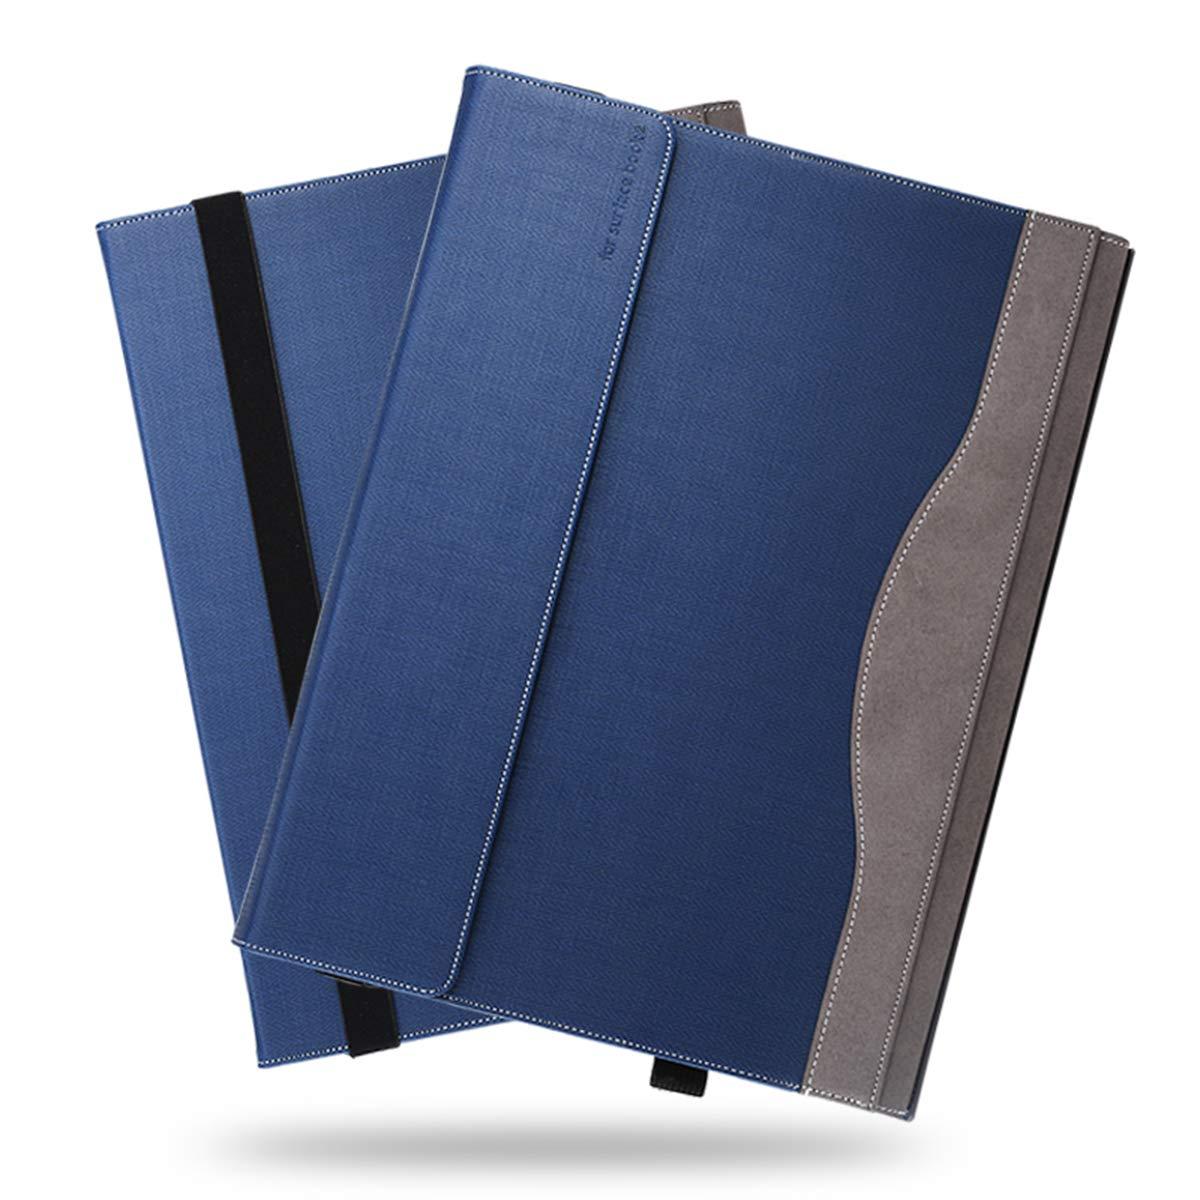 【ふるさと割】 Microsoft Surface 15インチ用 Book 2 15インチケース 高級本革ケース Surface ハンドメイド スタンド付き フリップカバー ハンドメイド Microsoft Surface Book 2 15インチ用 ダークブルー B07LC6YZGH, シューズブティック ナナ:9efc3821 --- a0267596.xsph.ru